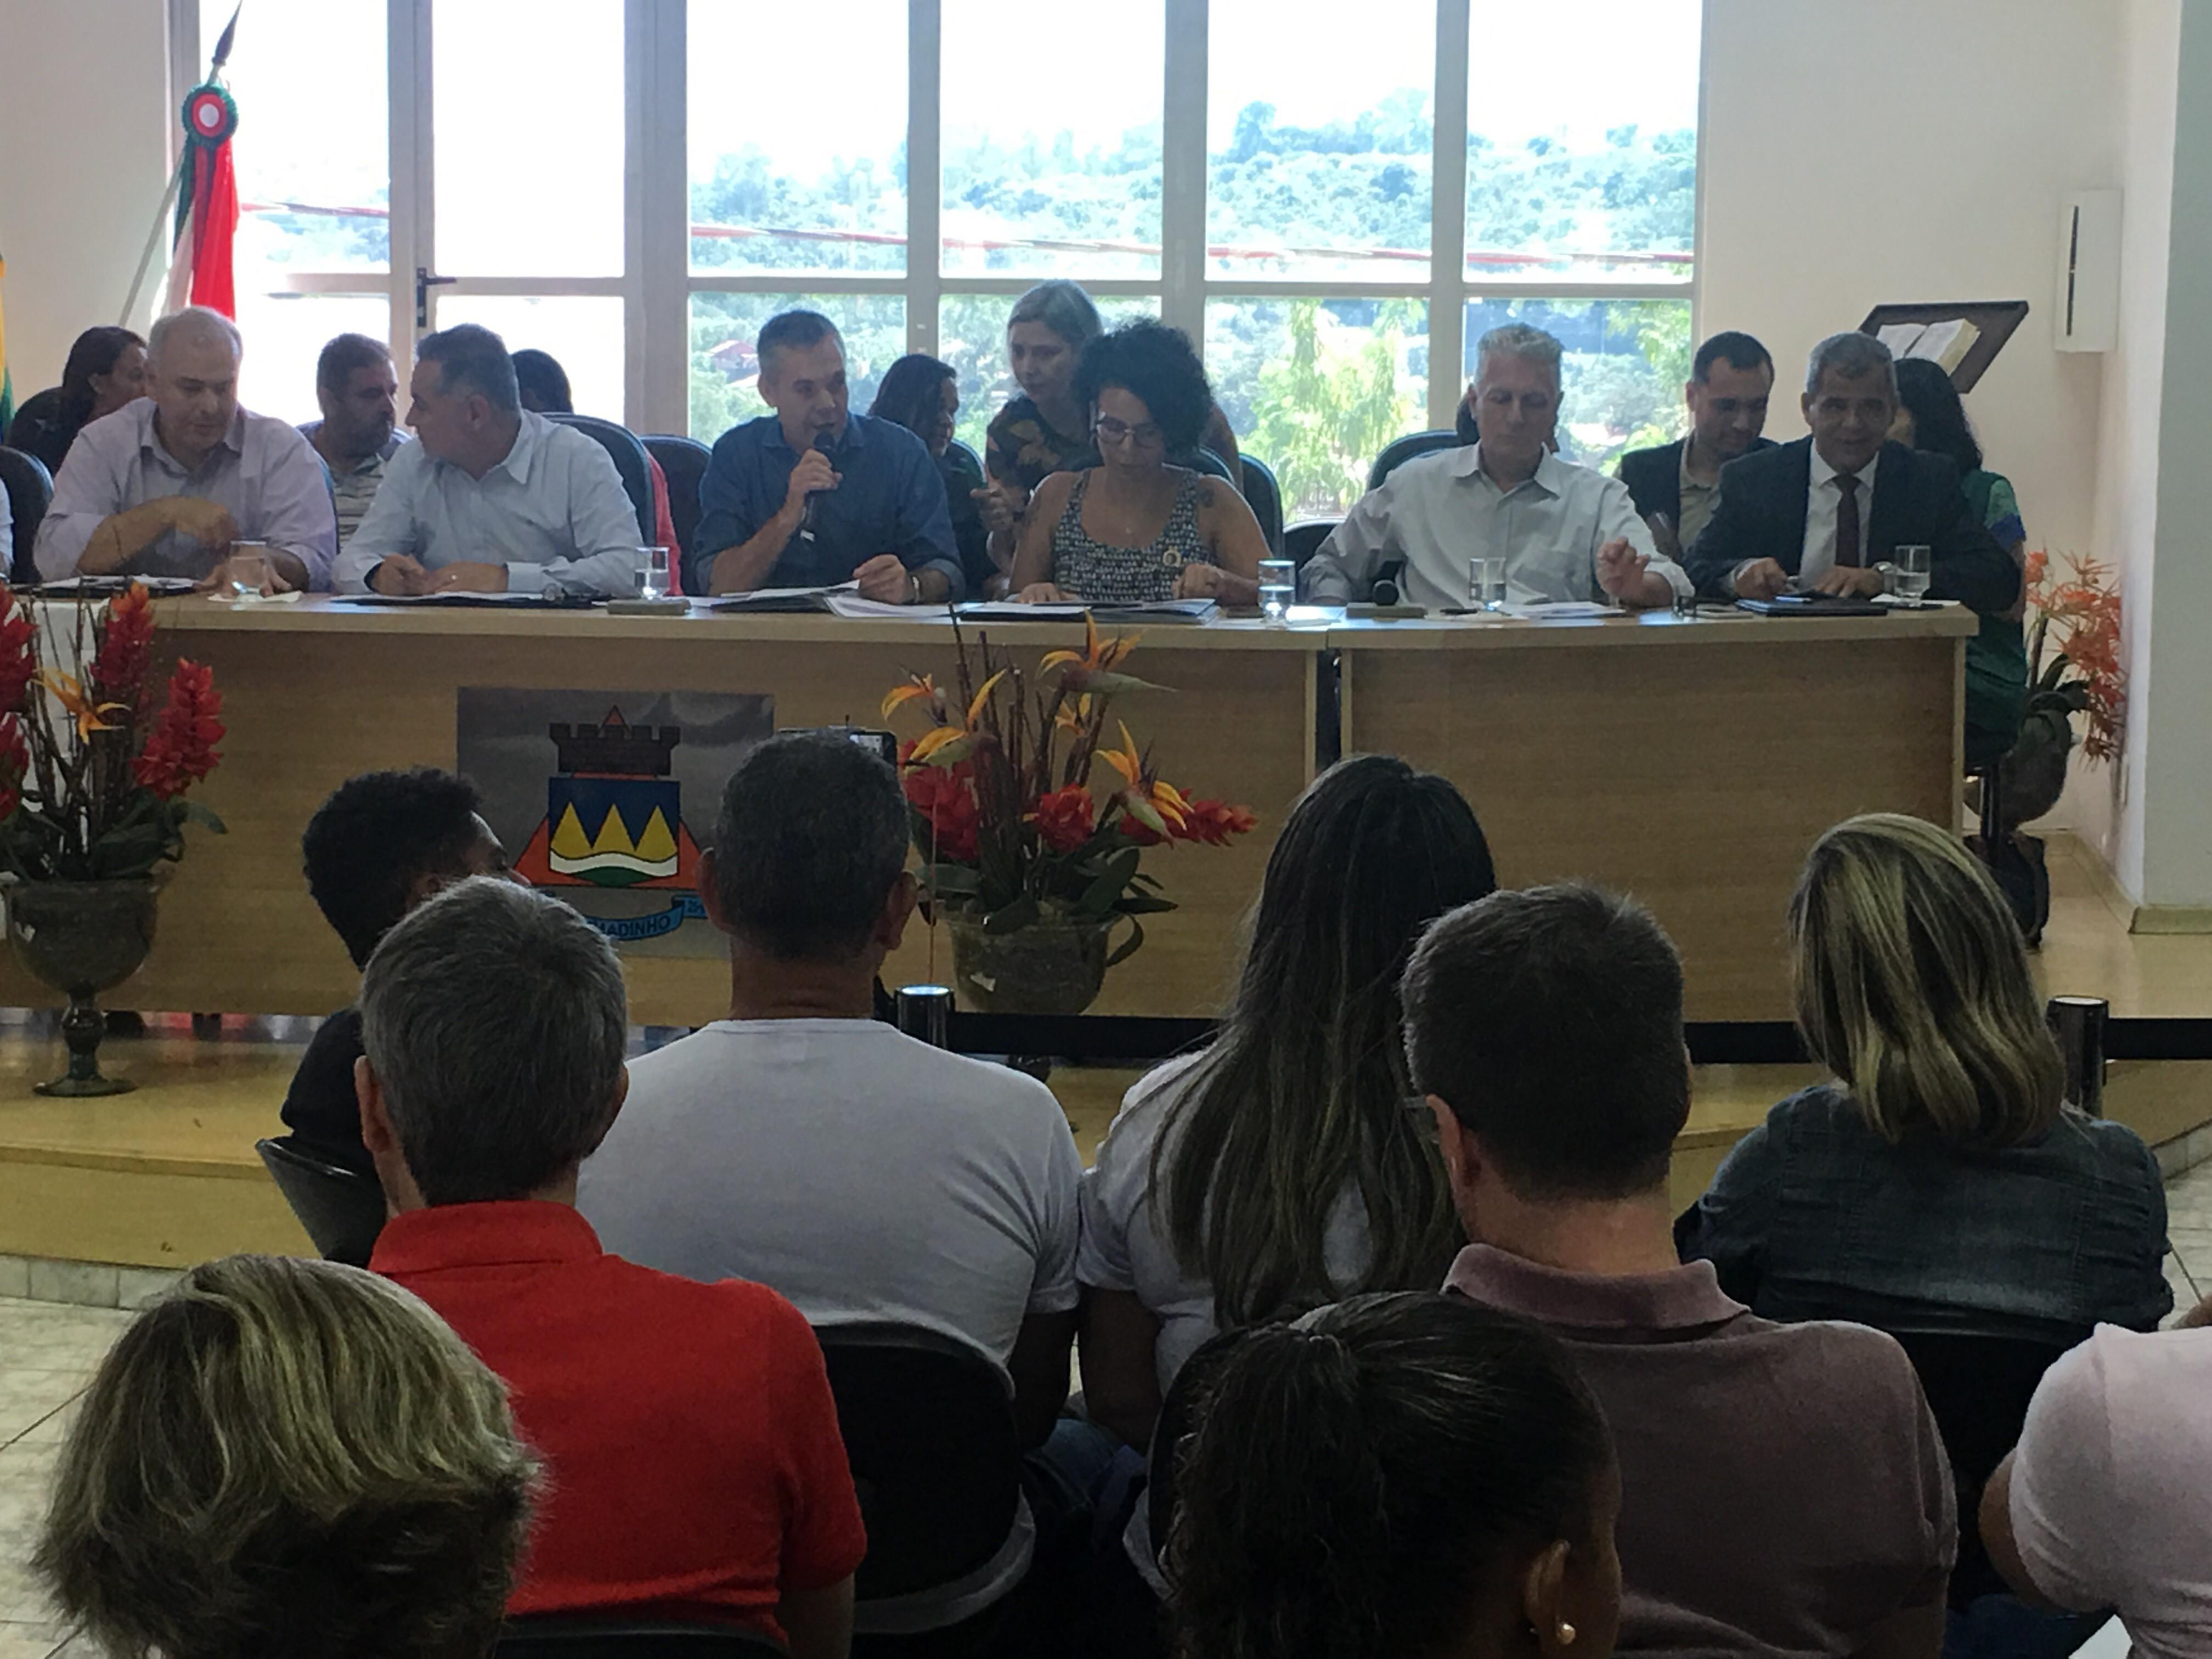 Fotos do Dia - reunião comissão externa de Brumadinho rompimento barragem